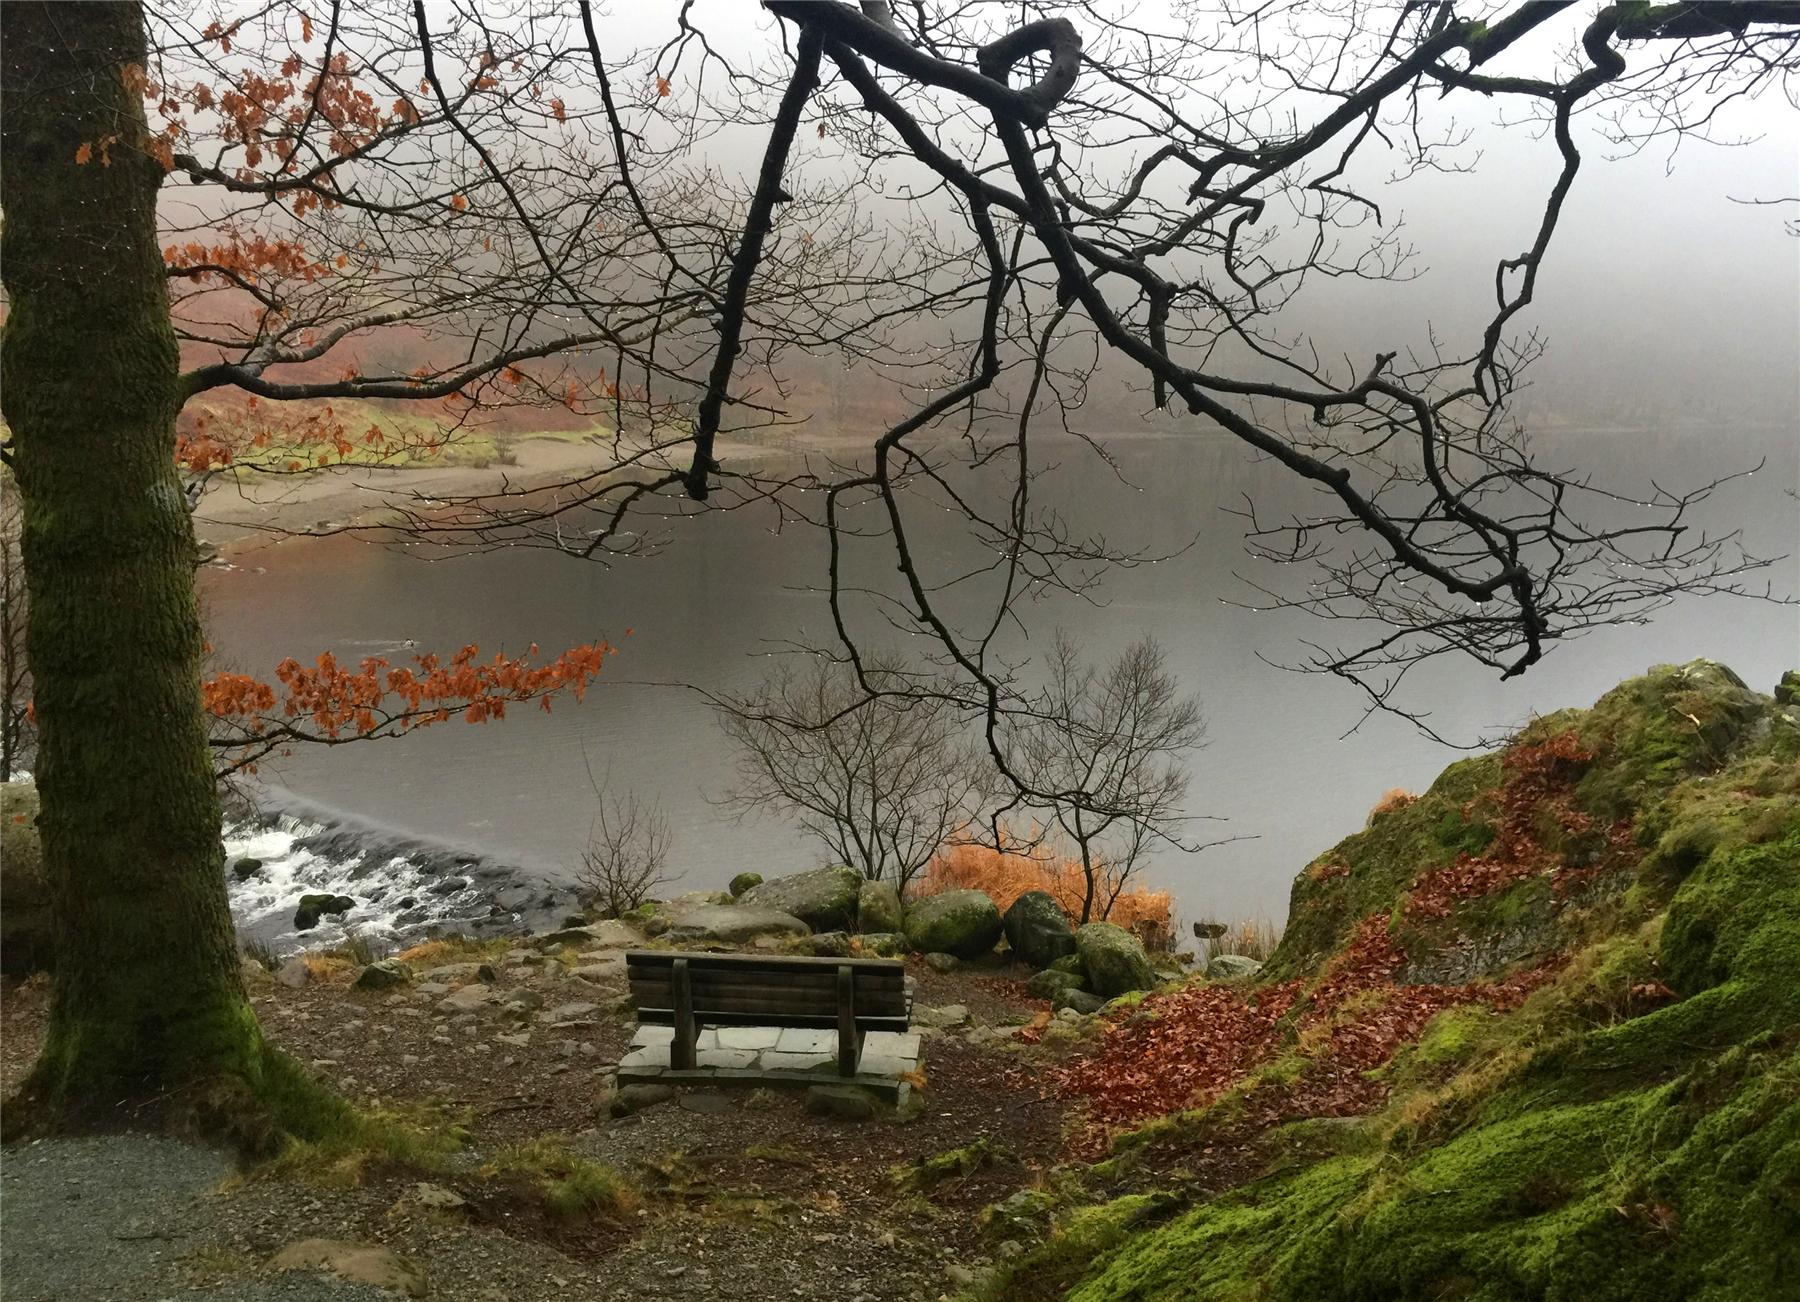 漫步温德米尔湖区——走进英伦浪漫的风景画卷